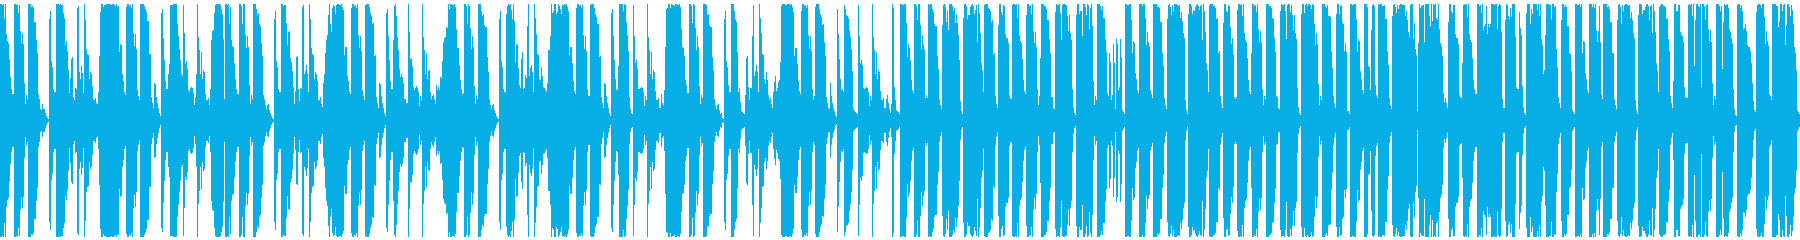 声ネタとドラムによる奇天烈な曲ですの再生済みの波形